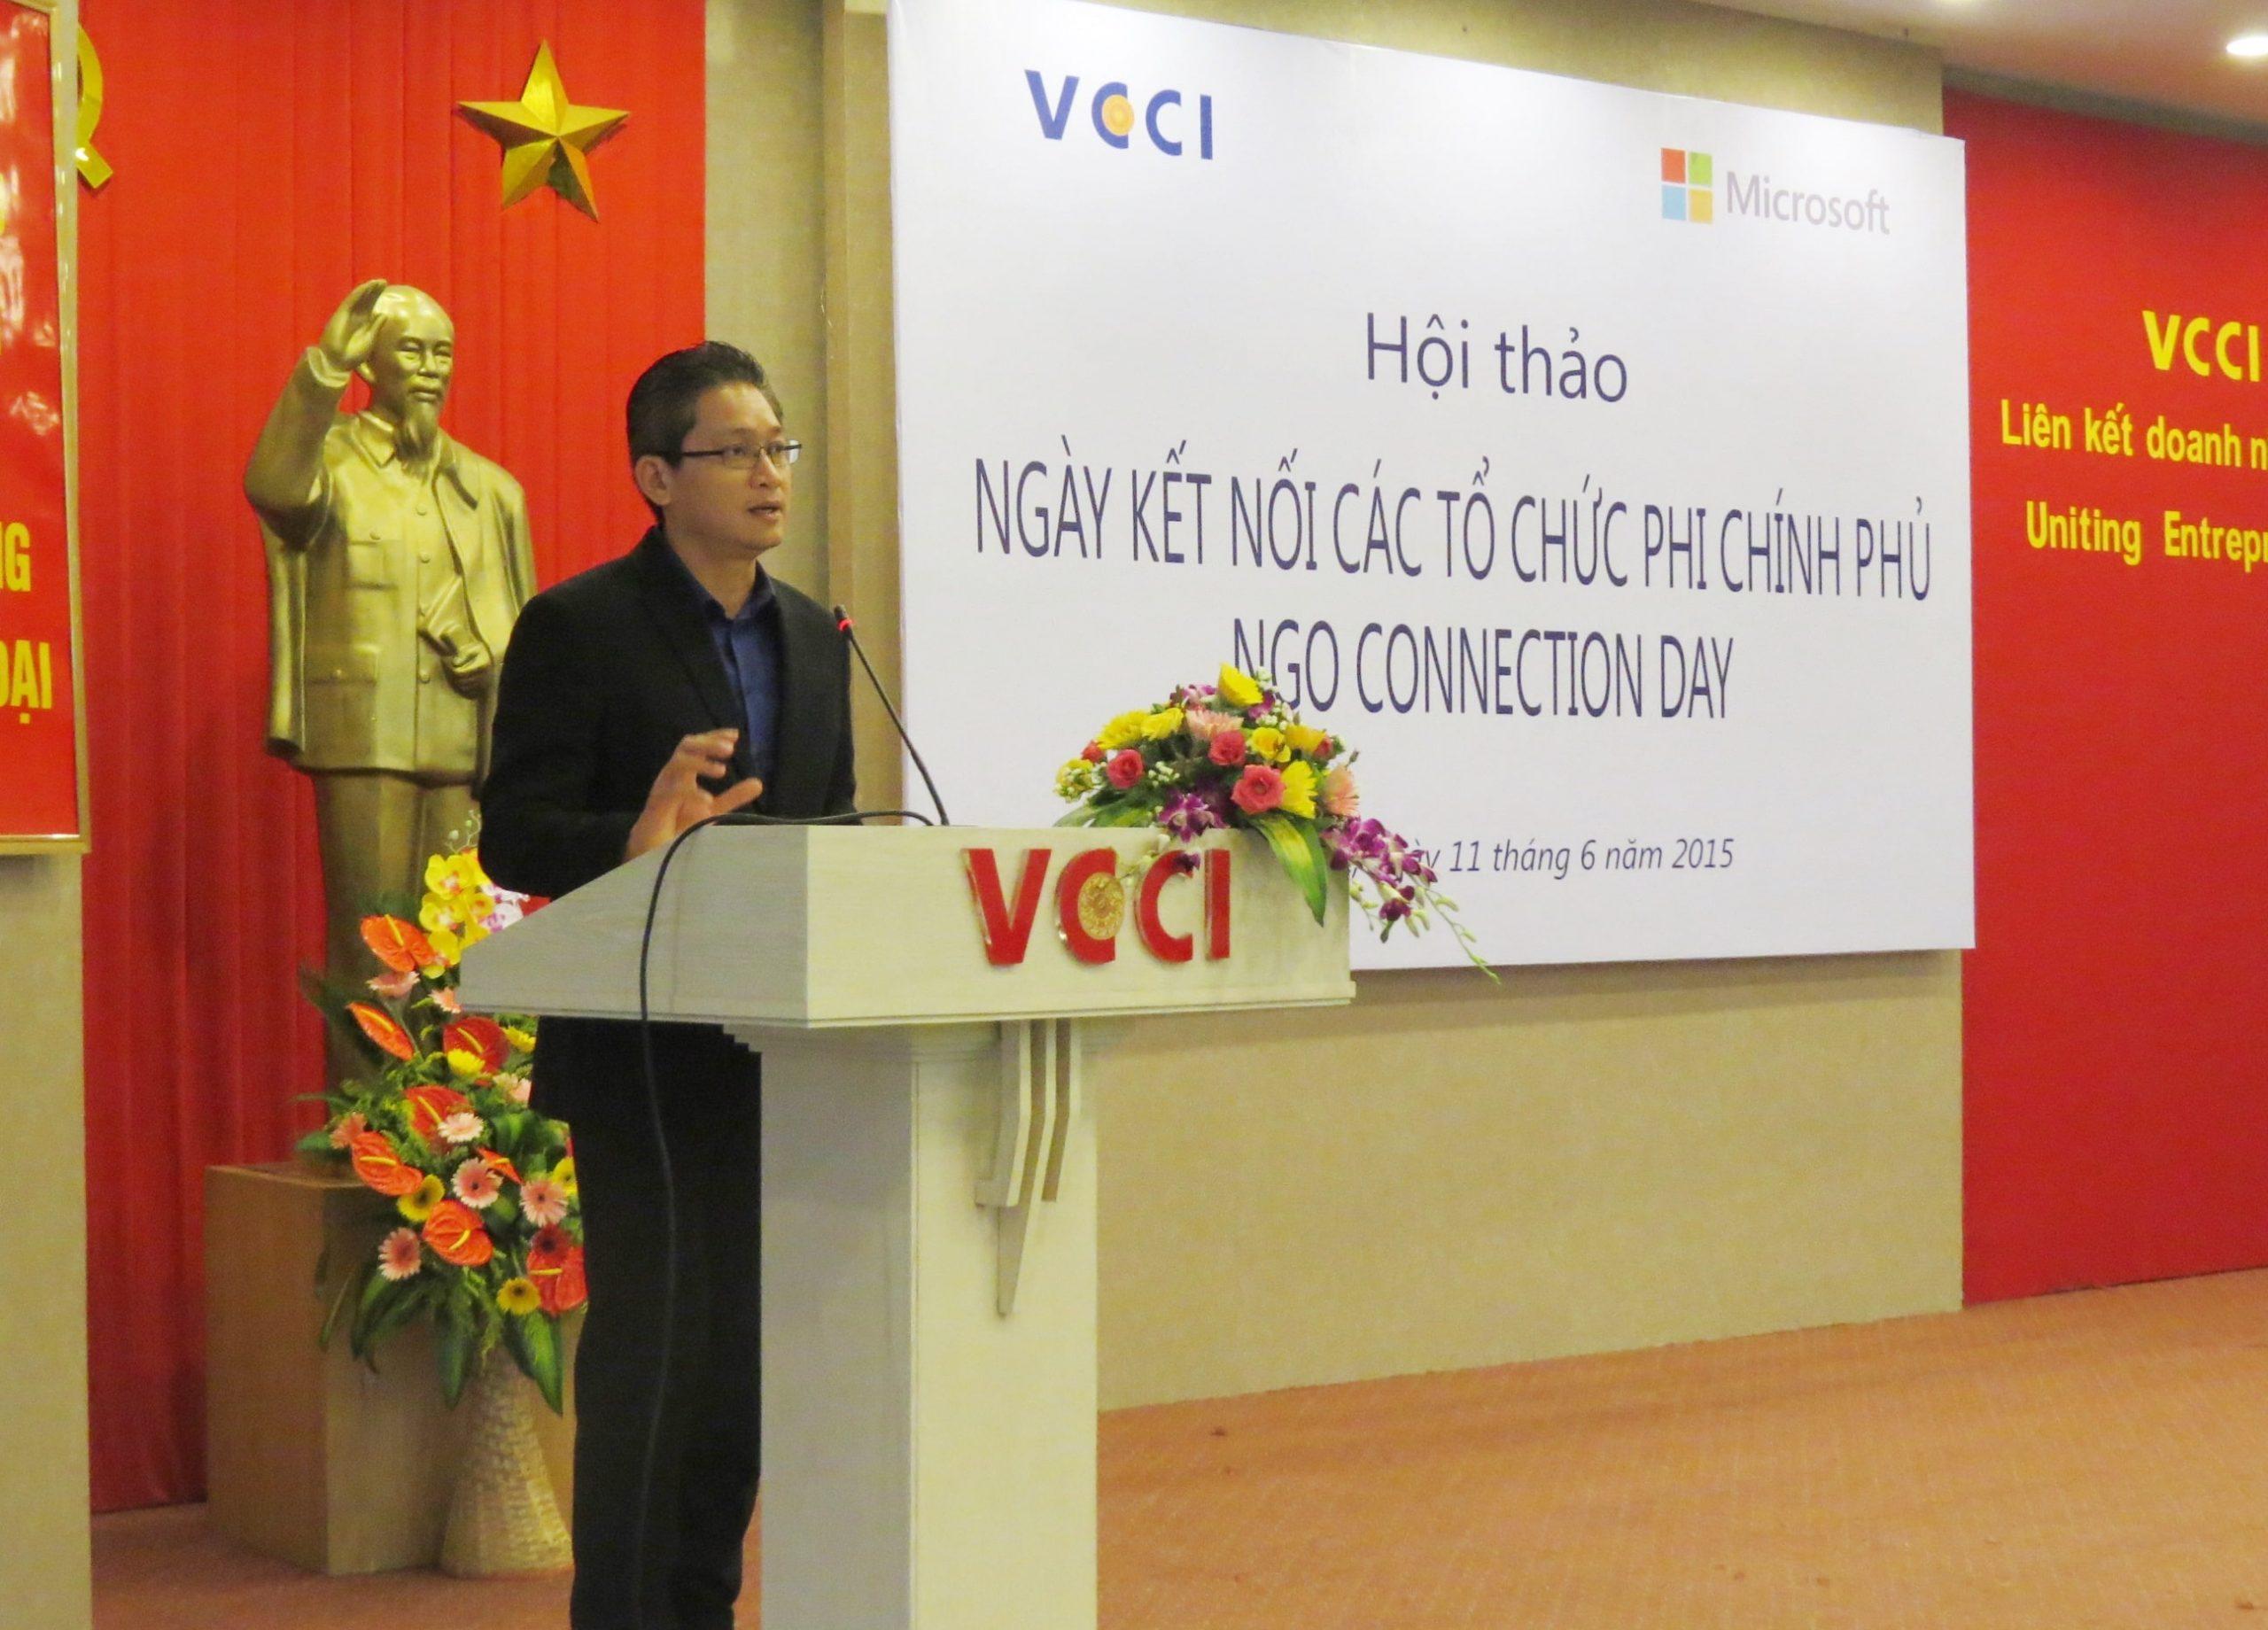 Chức năng của VCCI